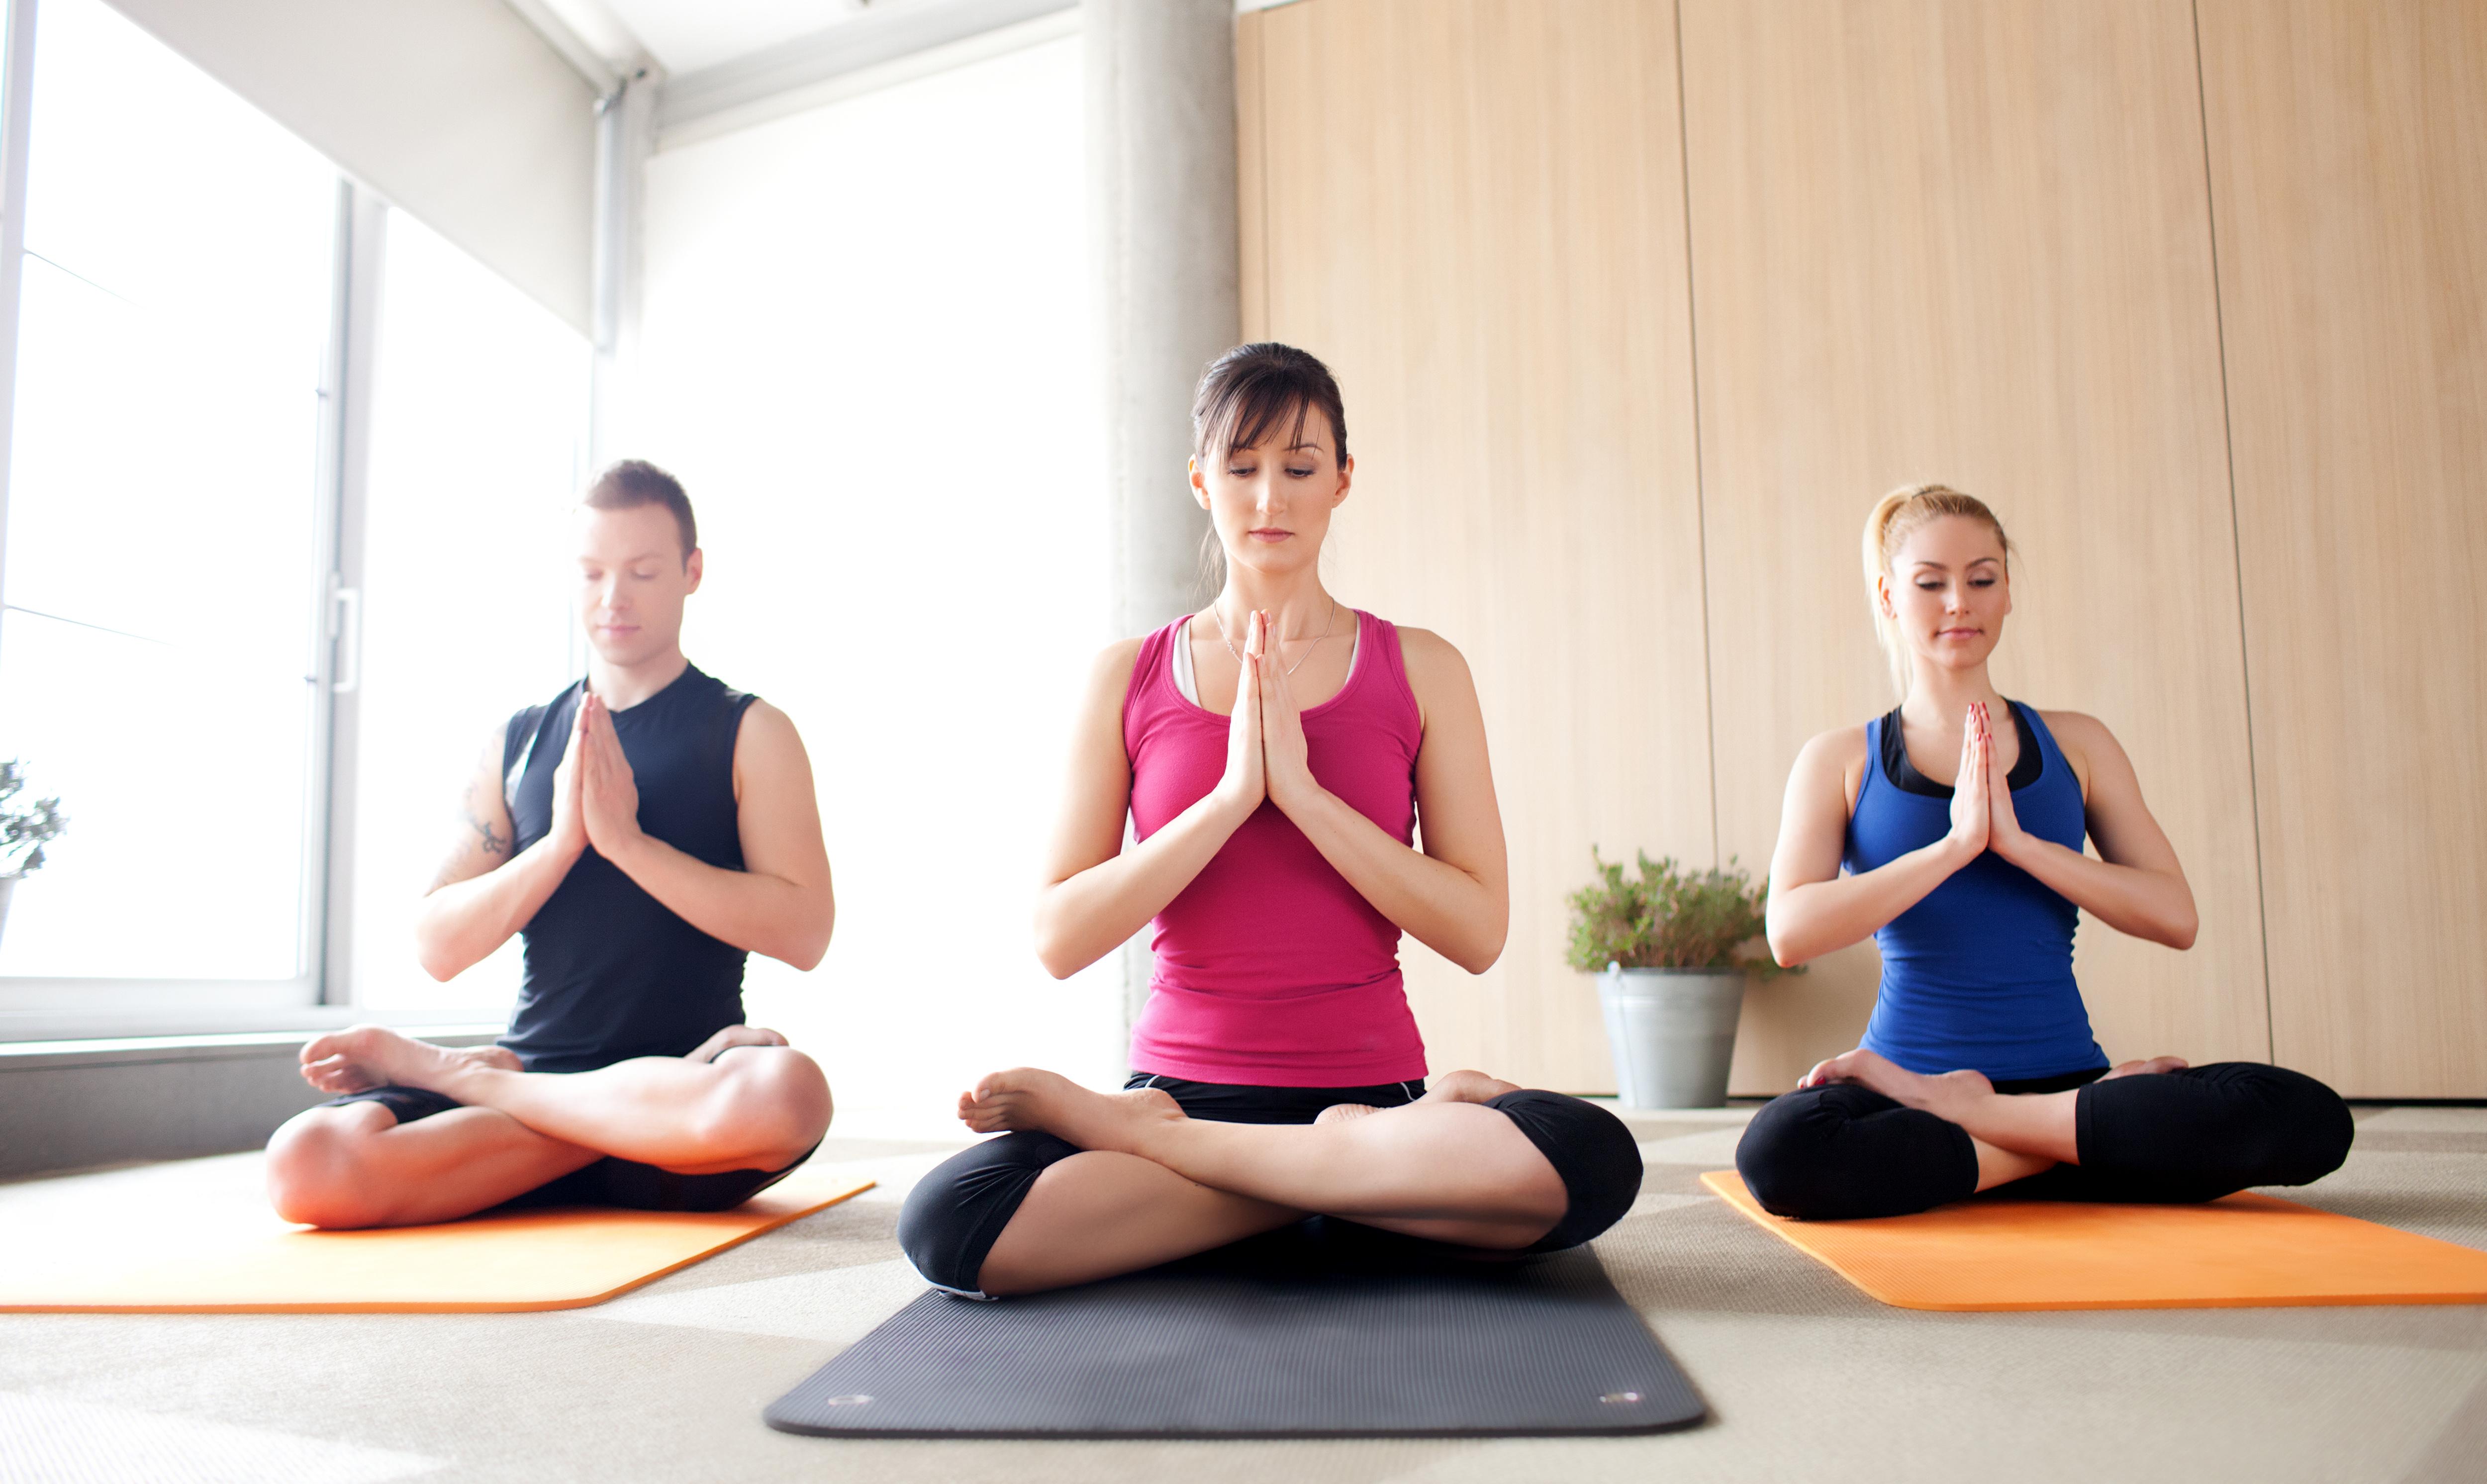 привыкнуть к йоге